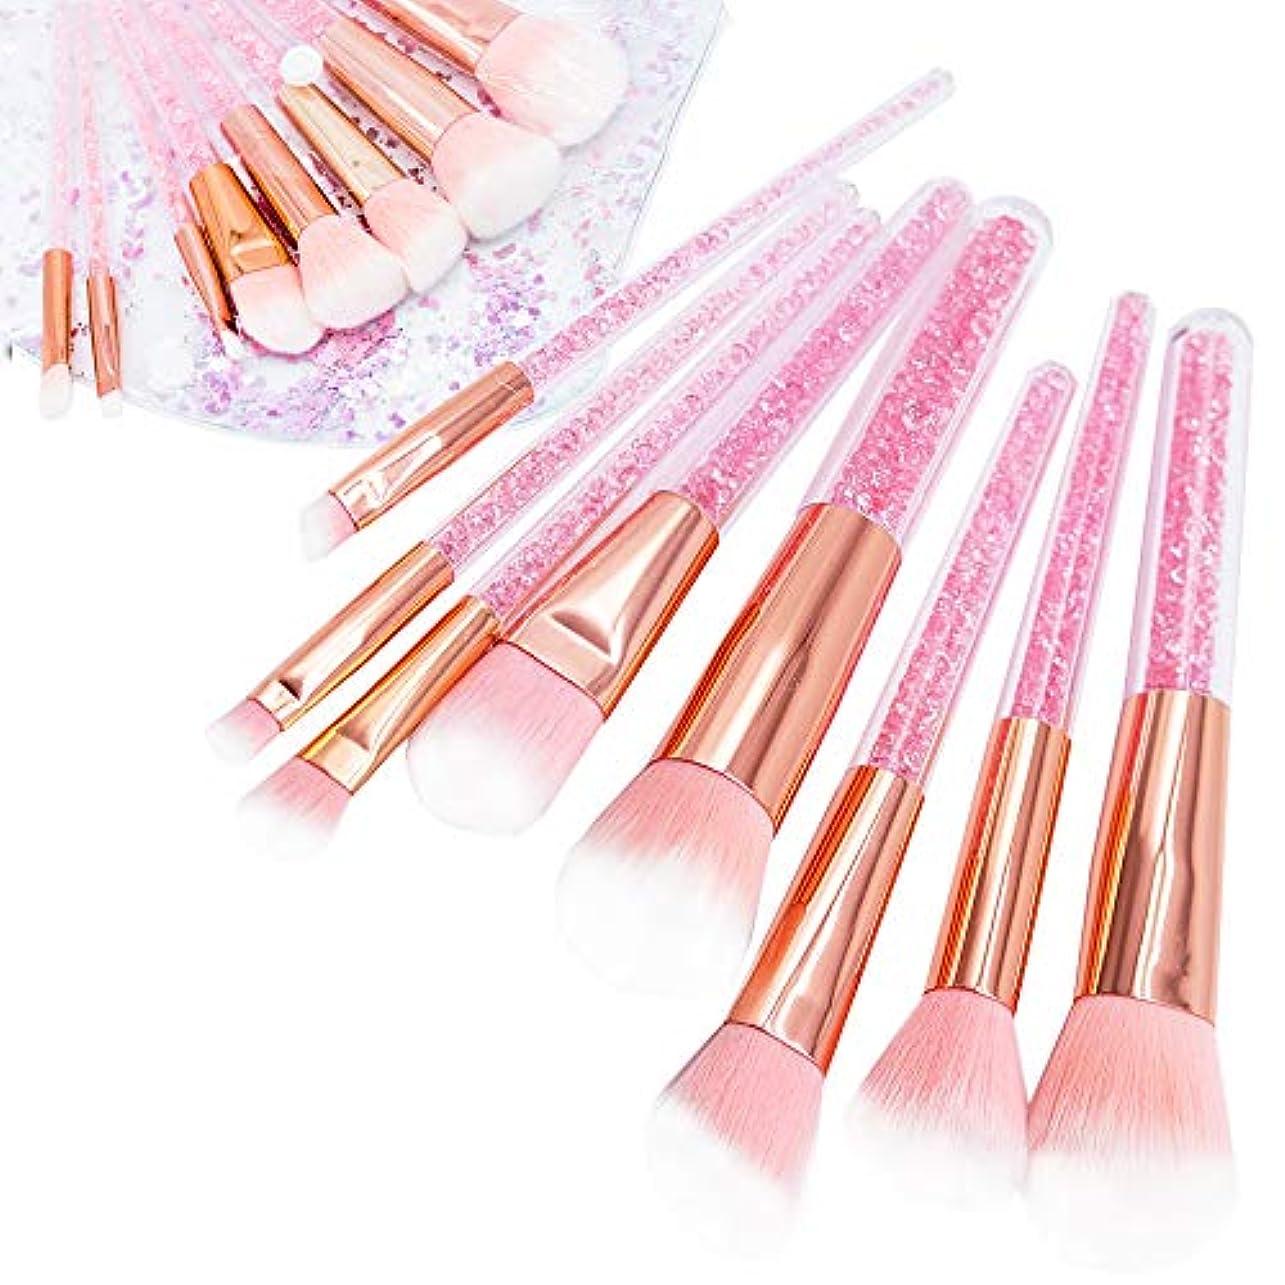 元に戻す大きさ子音Urban frontier メイクブラシ 化粧筆 可愛いピンク 8本セット 化粧ポーチ付き 携帯便利 敏感肌適用